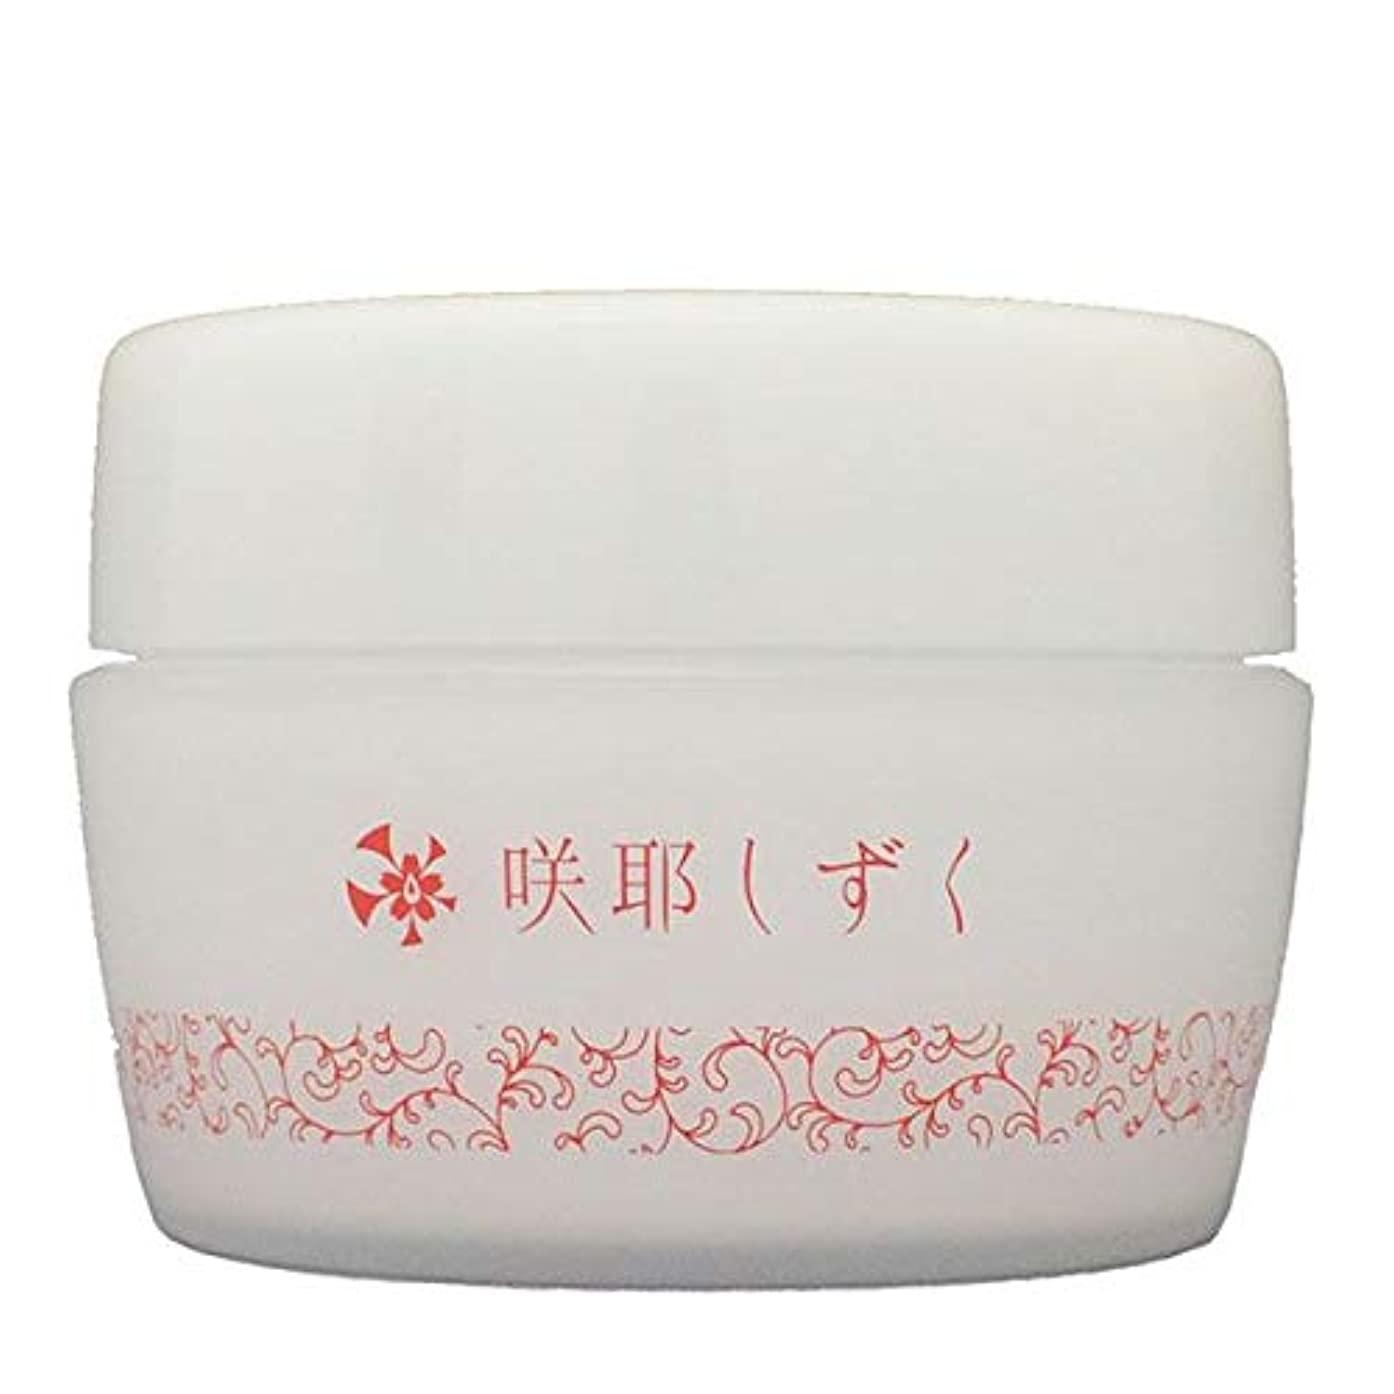 正当な反対に精通した咲耶しずく クリーム 乾燥肌 さくやしずく 敏感肌 エムズジャパン M's Japan ms-sge01